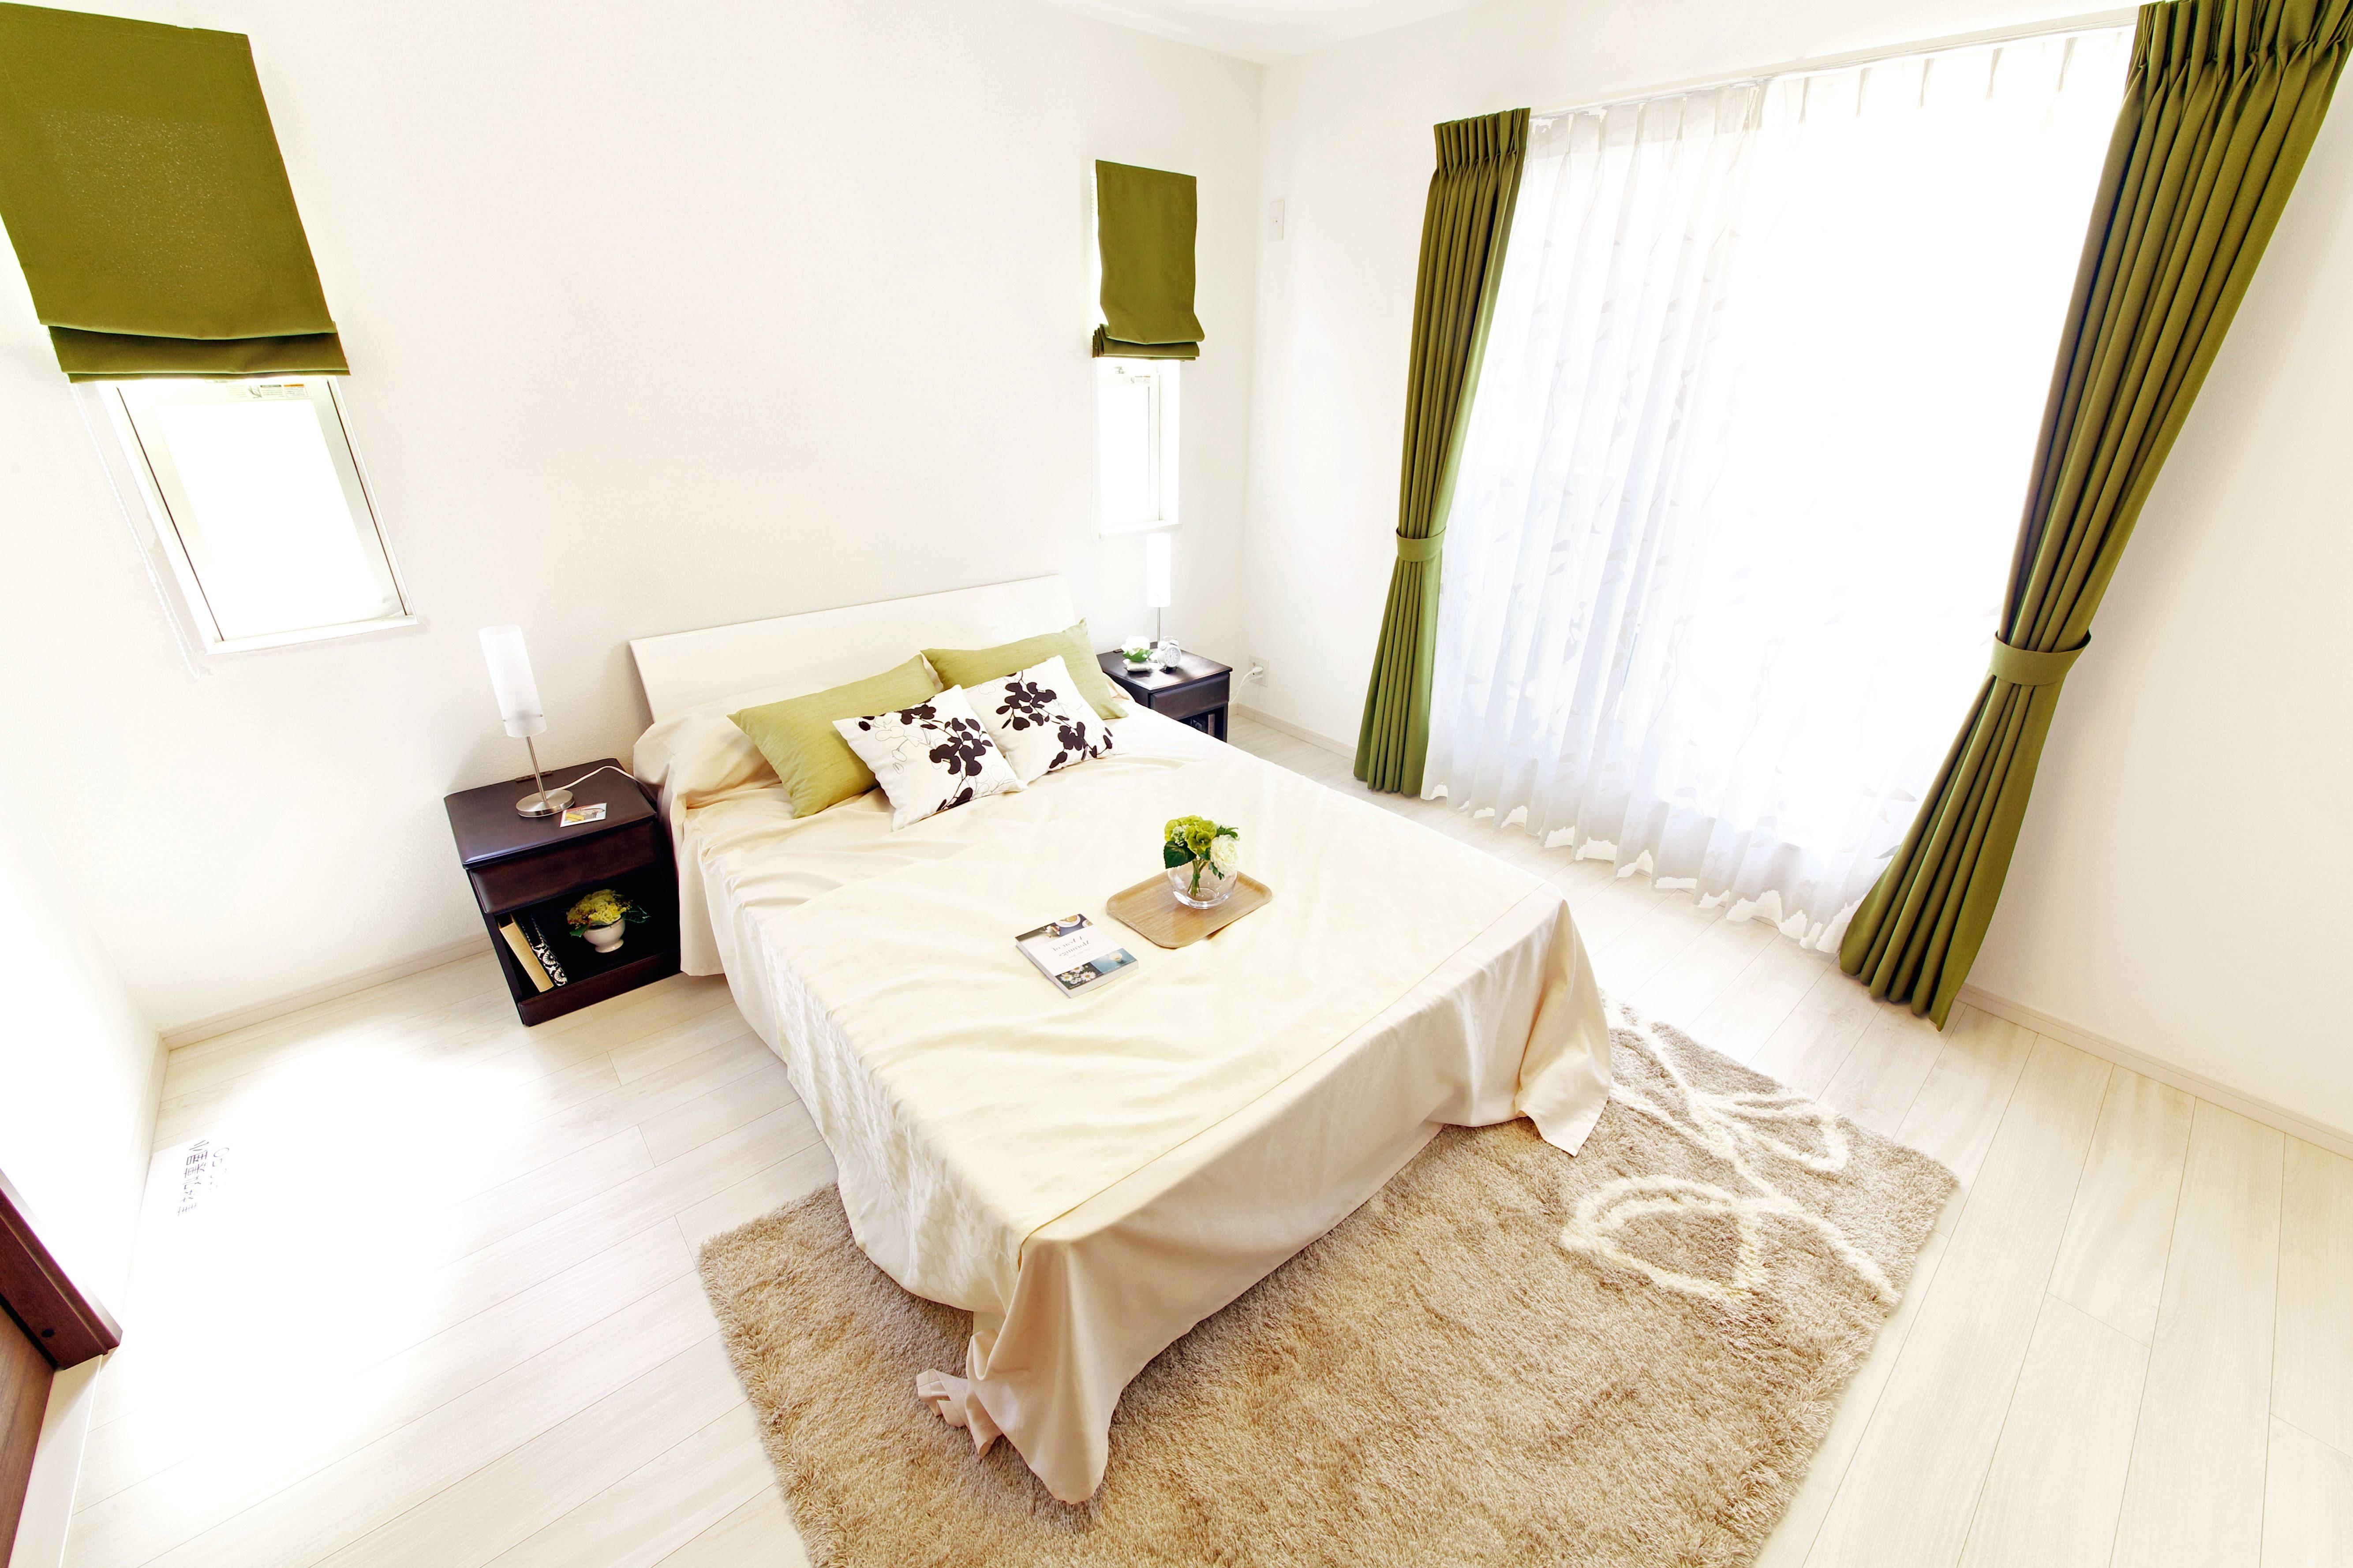 Kostenlose Bild: Luxus-Zimmer, Vorhang, Möbel, Innenarchitektur